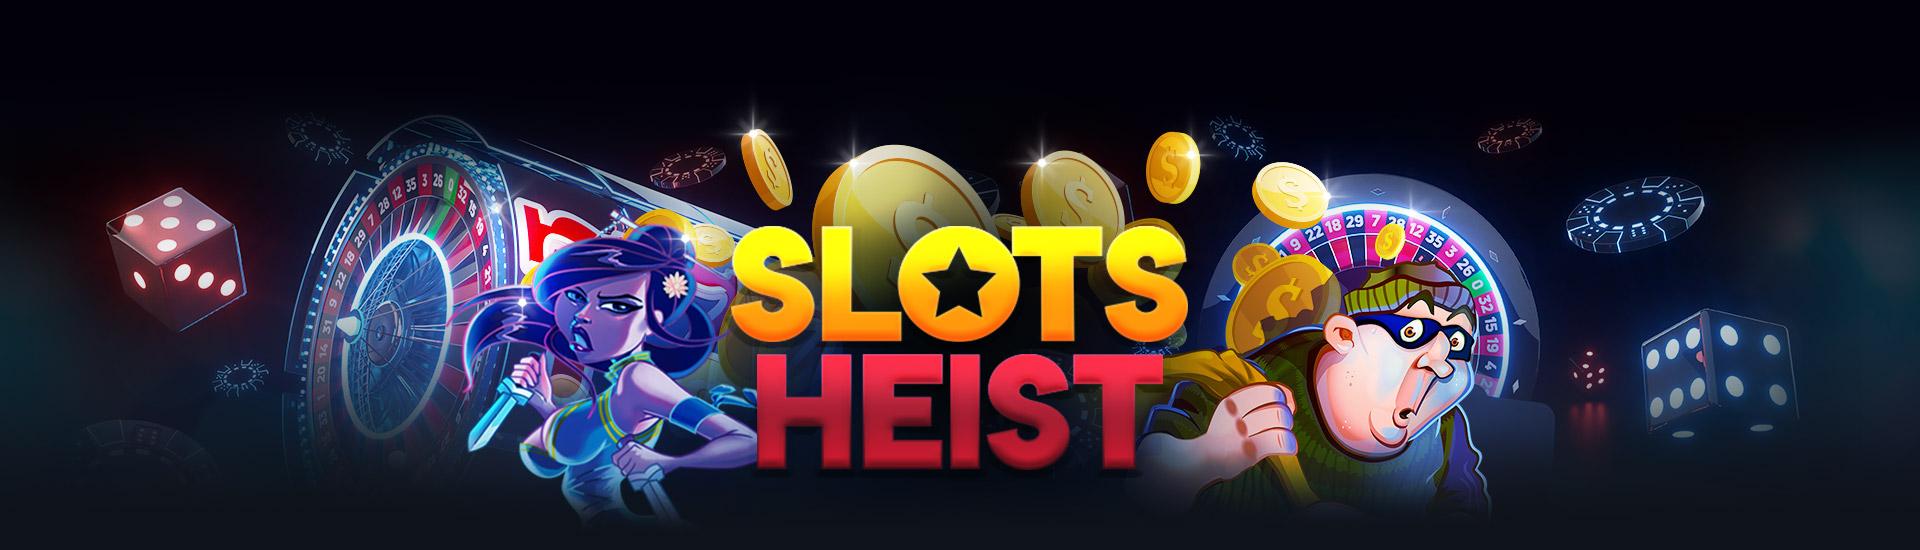 Slots heist